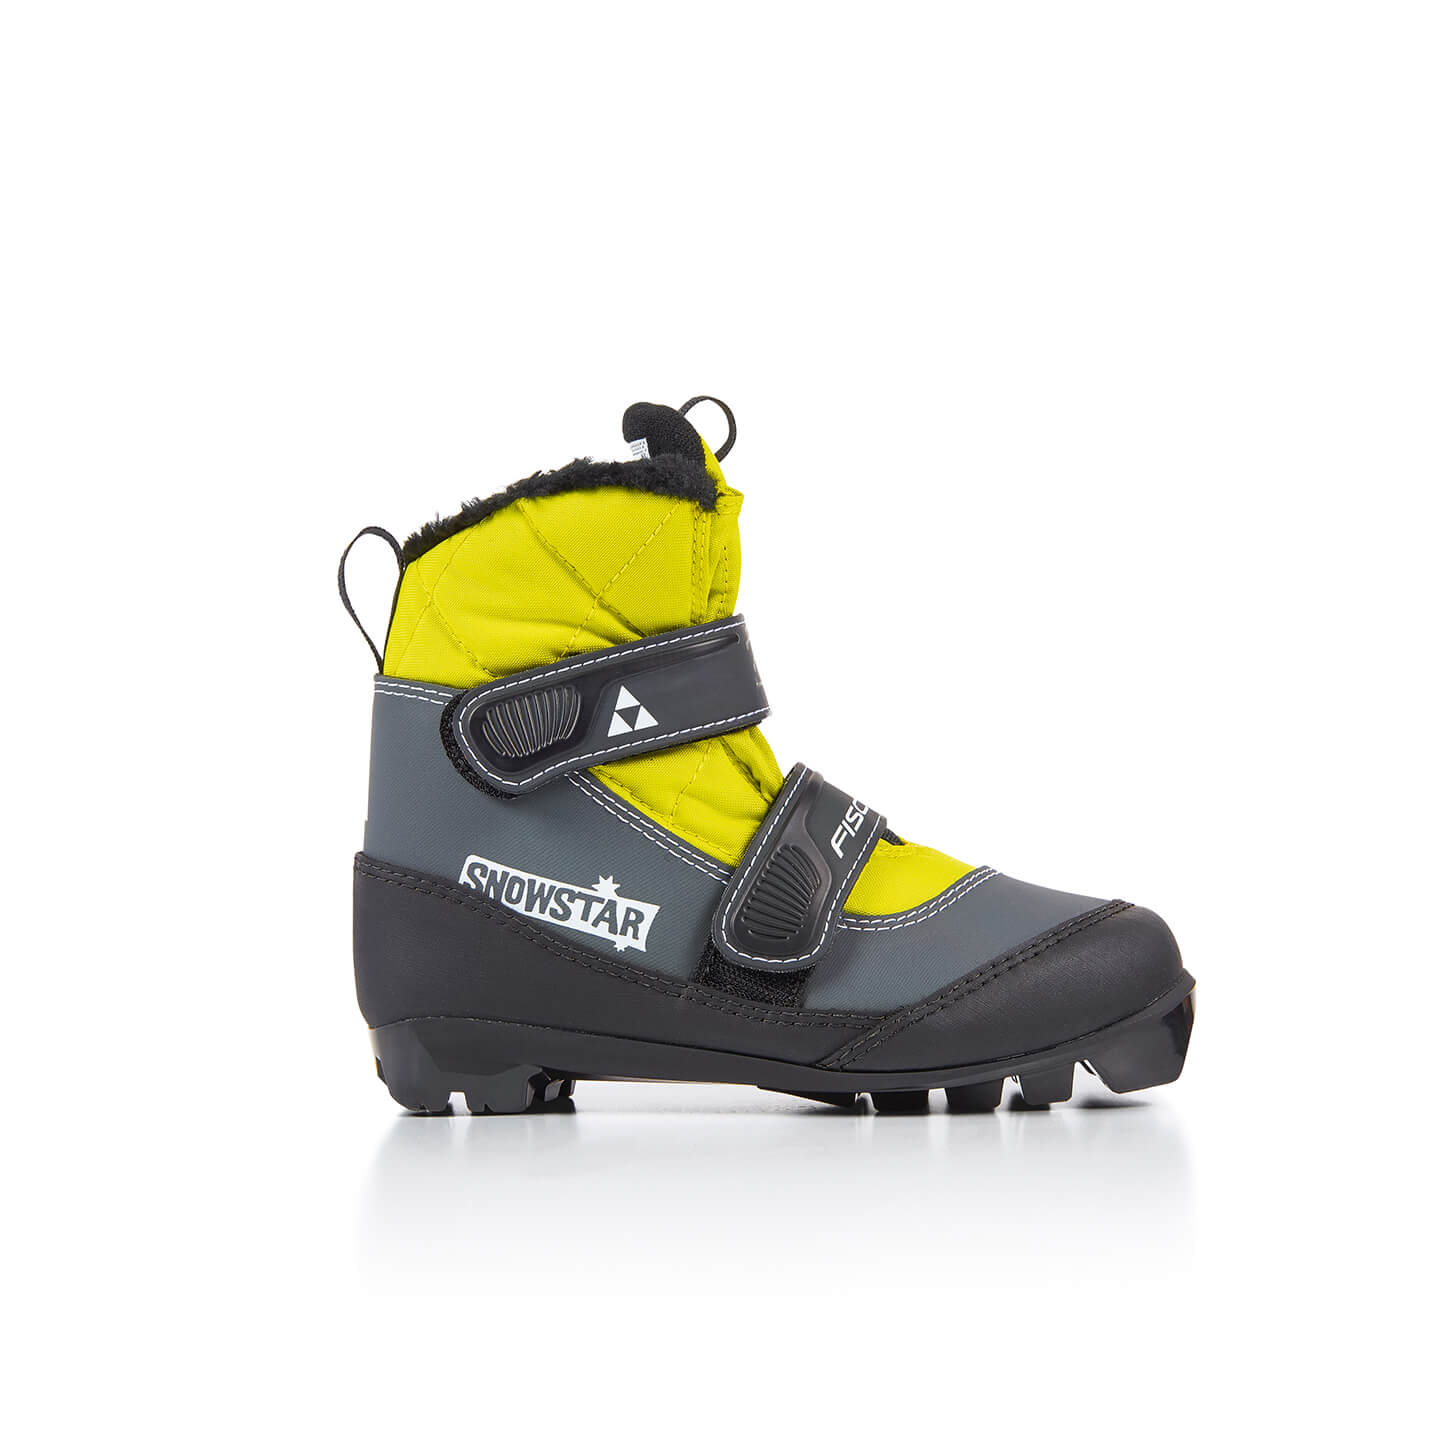 Boty na běžky Fischer SNOWSTAR BLACK YELLOW 20/21 Barva: černá/žlutá, Velikost: 26